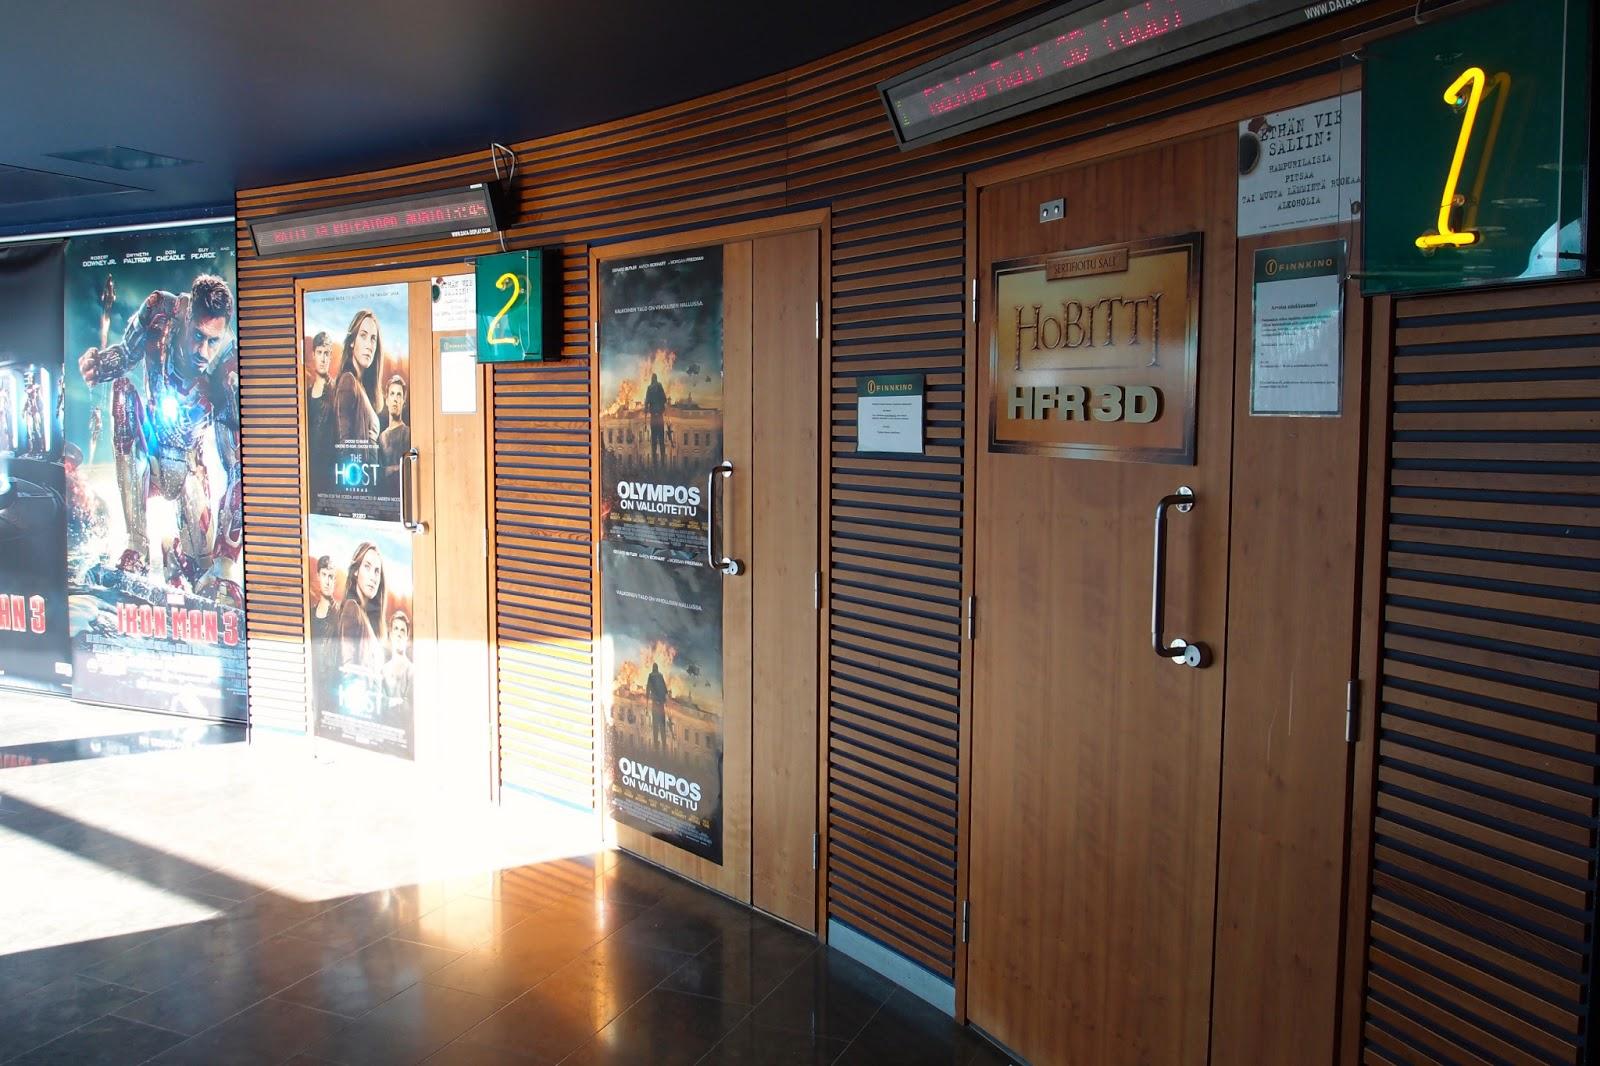 Finnkino - Ohjelmisto - Kinopalatsi, turku